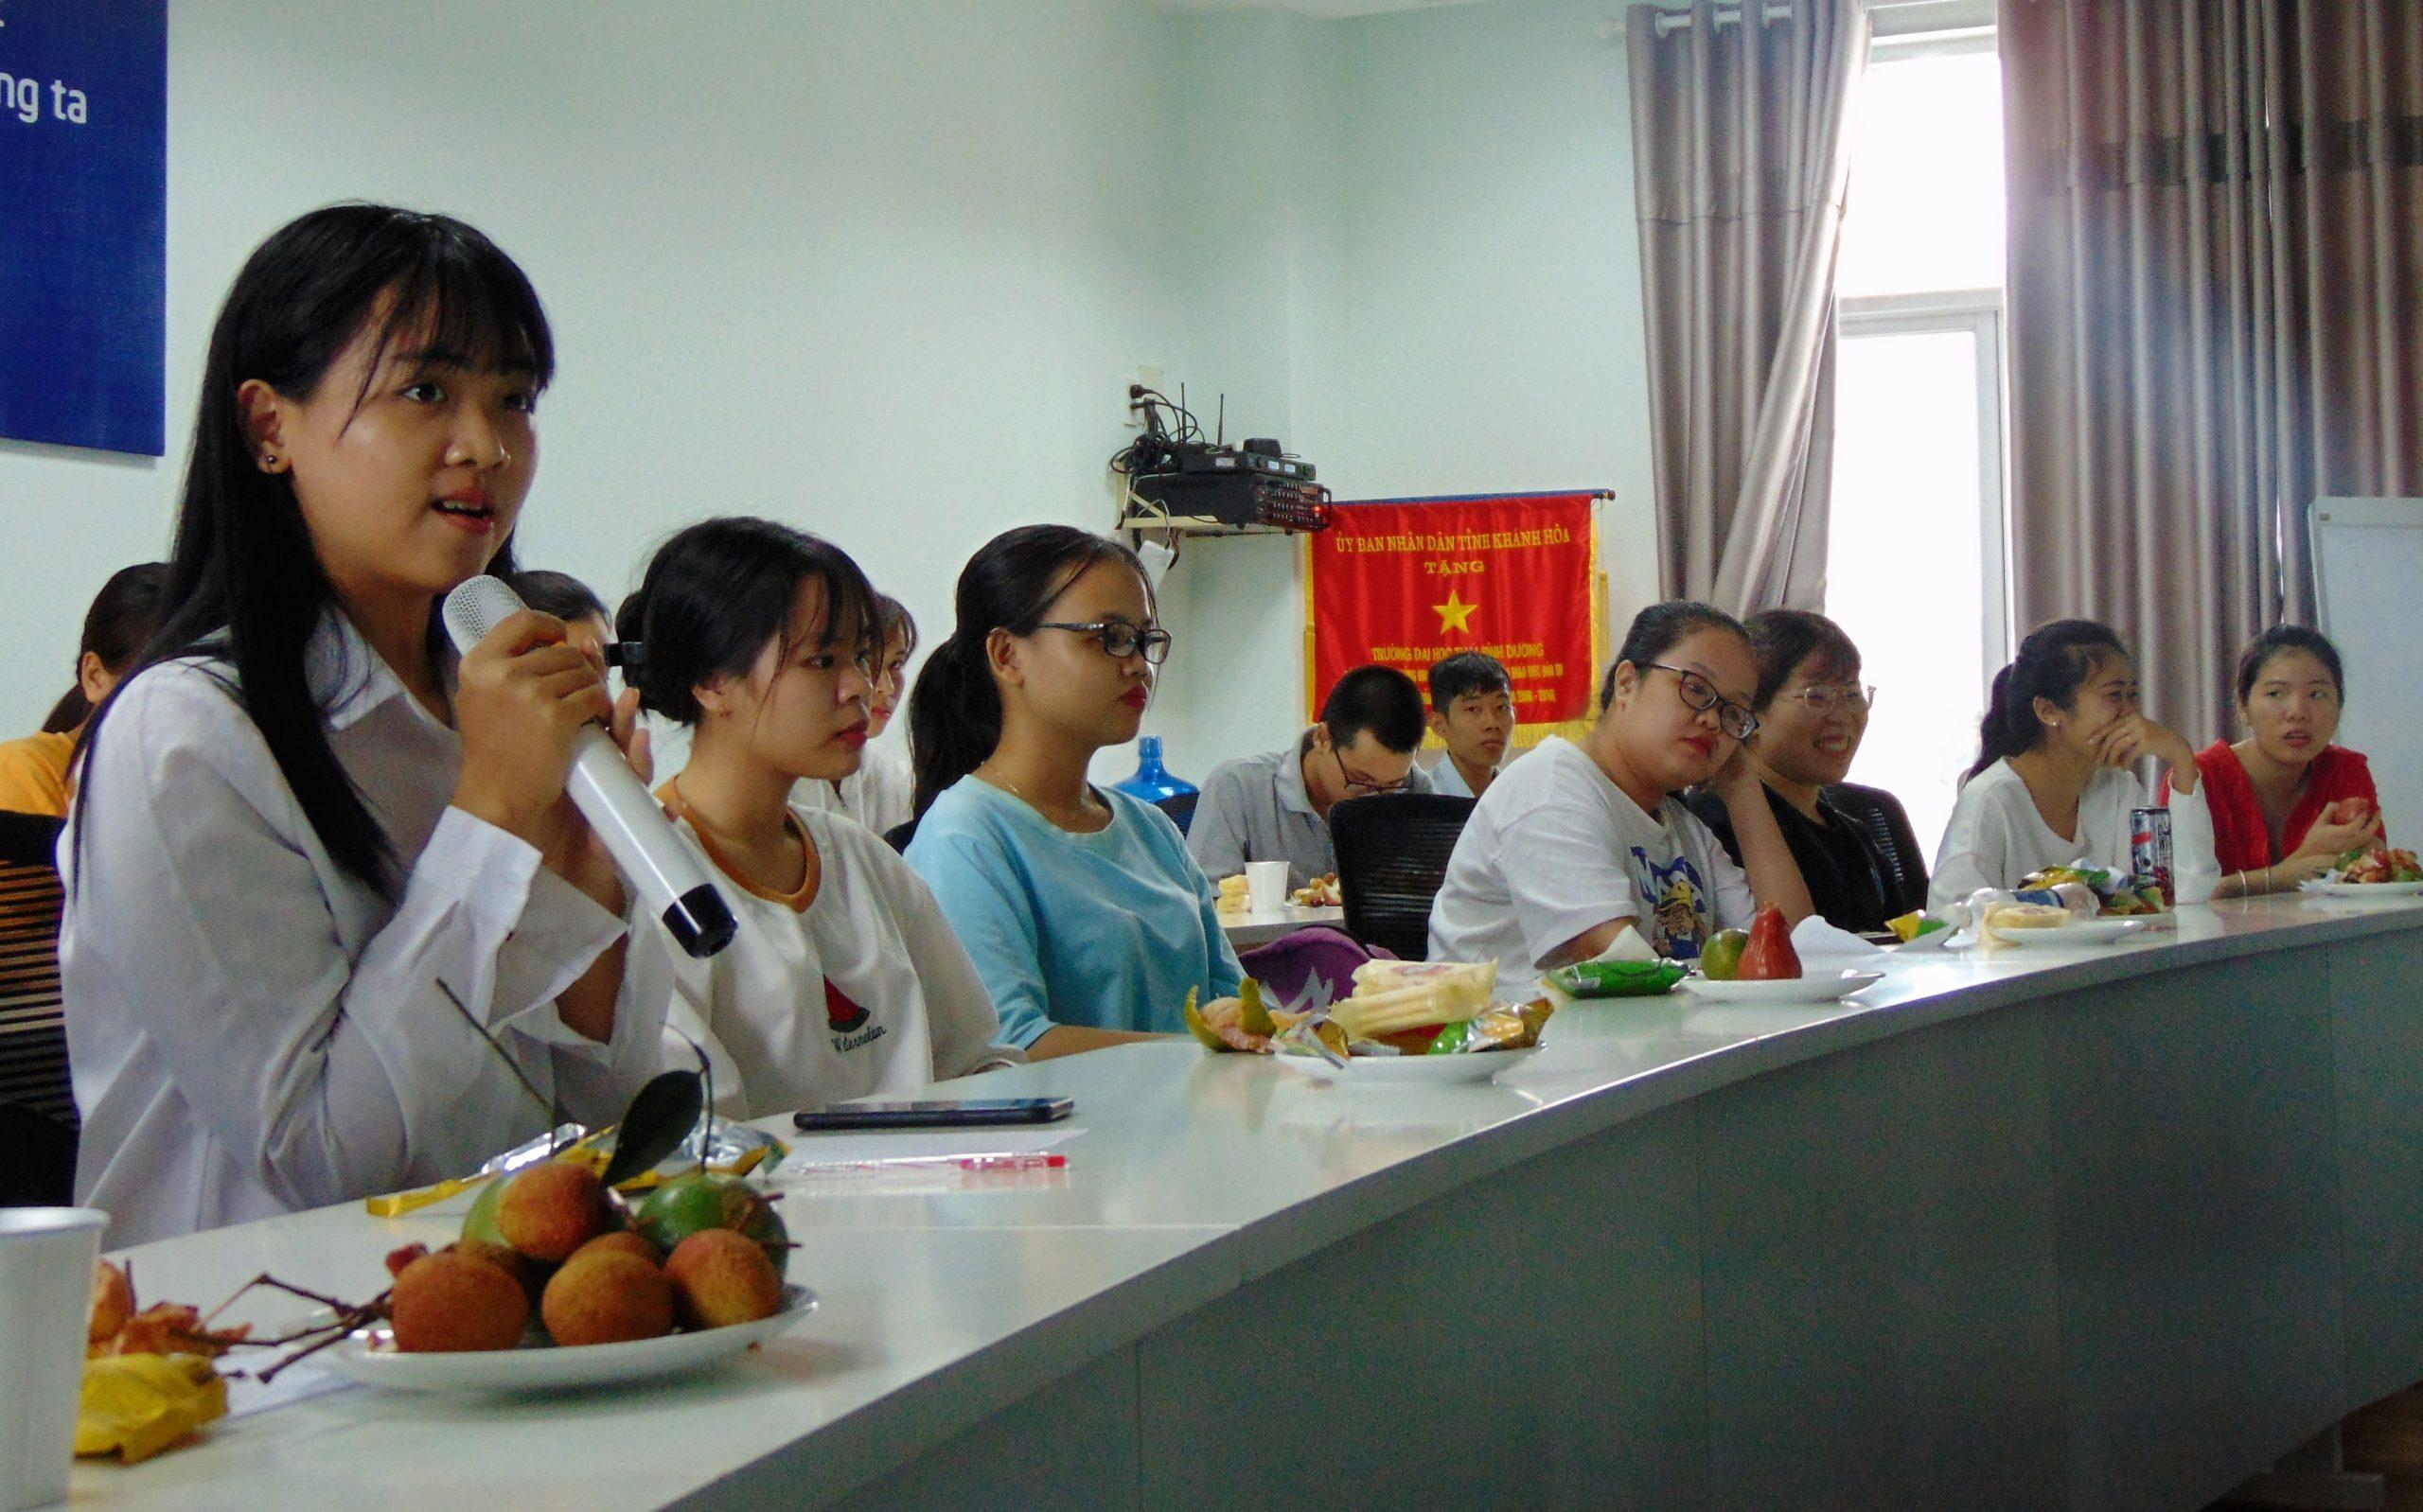 Đại học Thái Bình Dương với Học bổng Phát triển tài năng và Học bổng Vượt khó